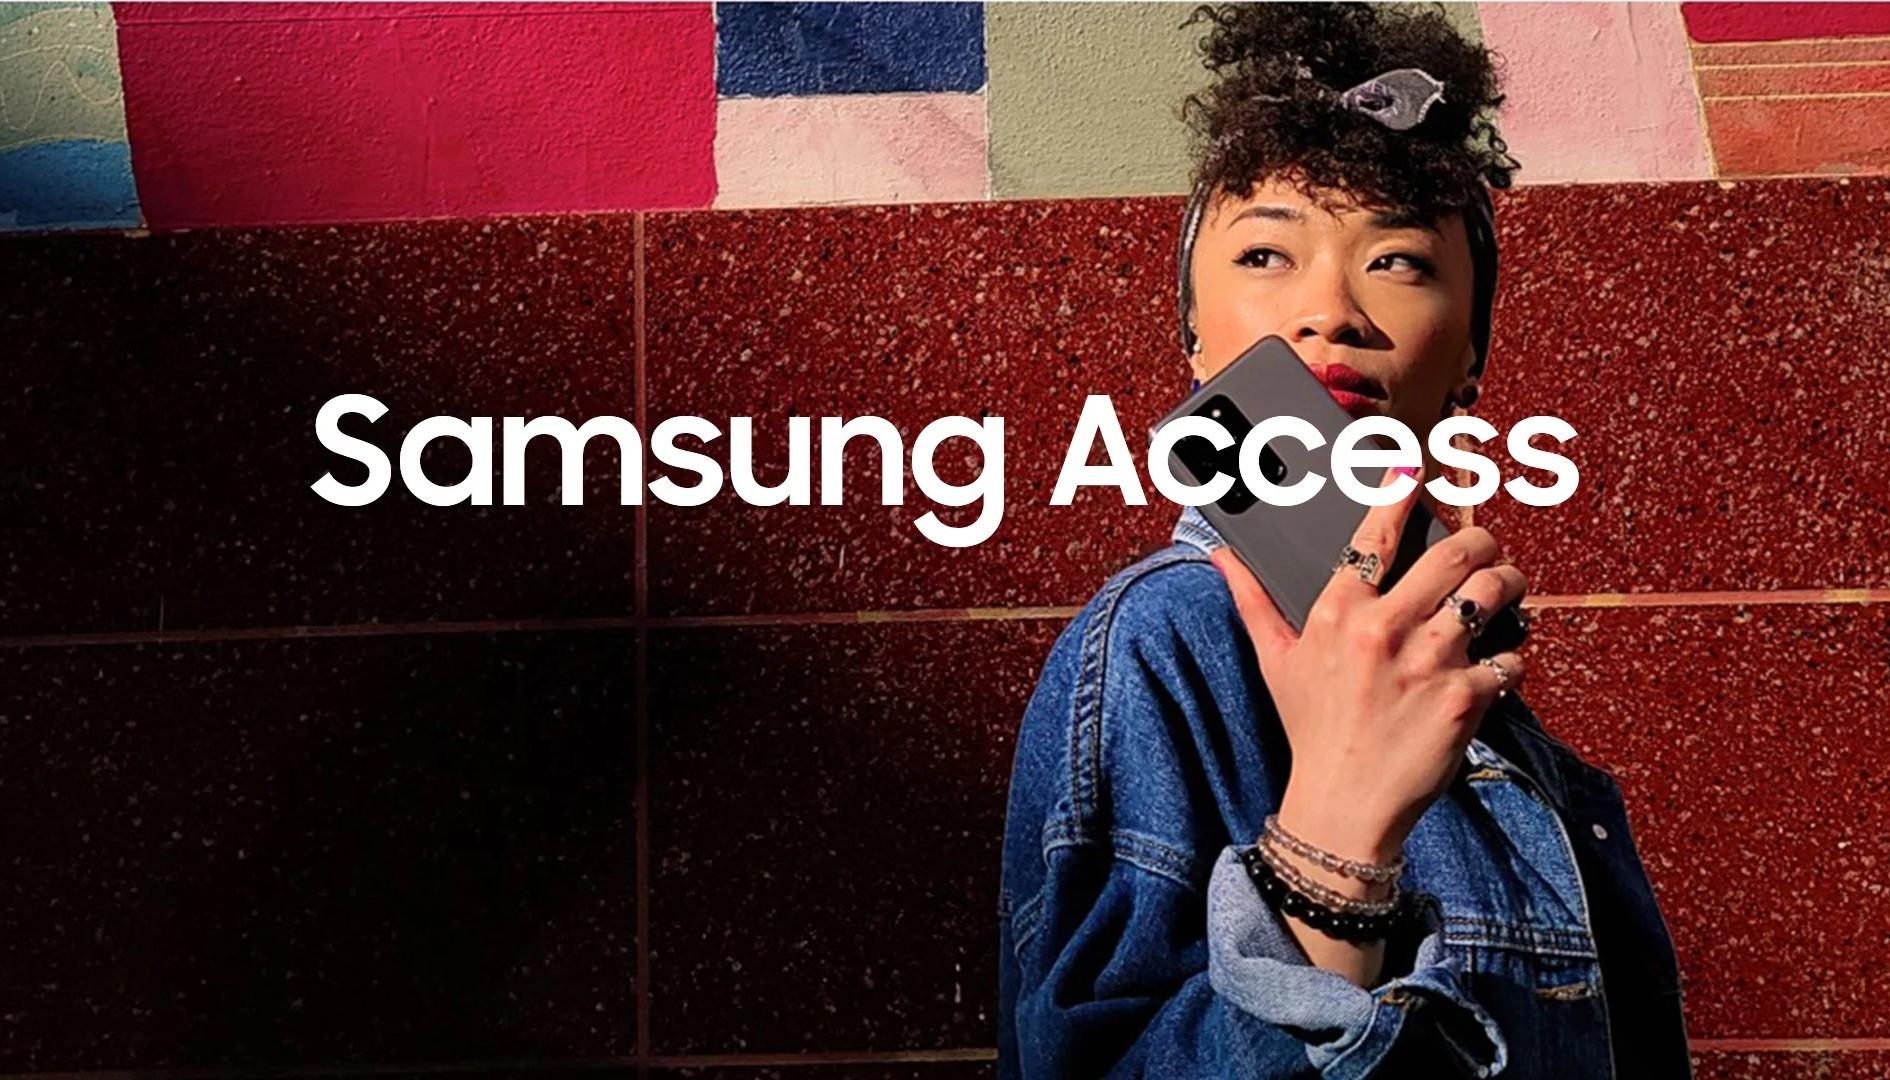 Xbox Game Pass sarà incluso nel servizio Samsung Access